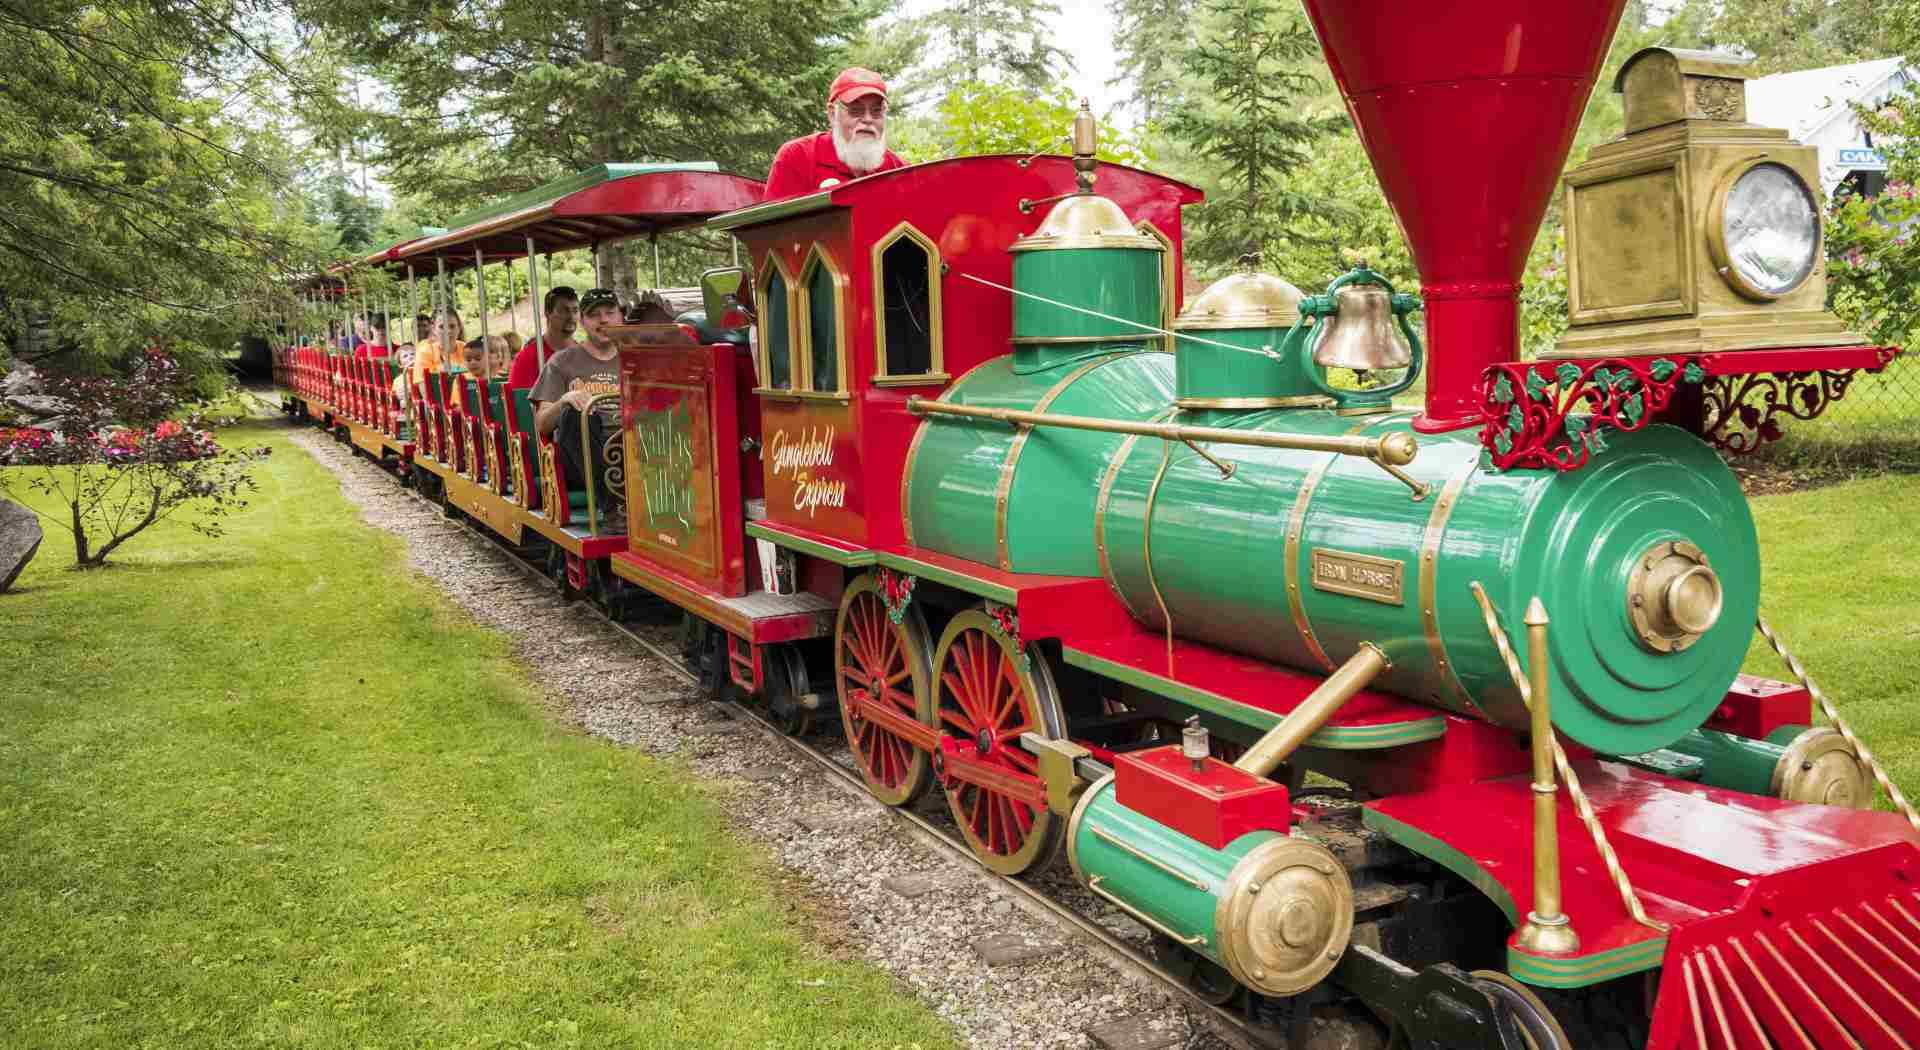 The train ride at Santa's Village in New Hampshire